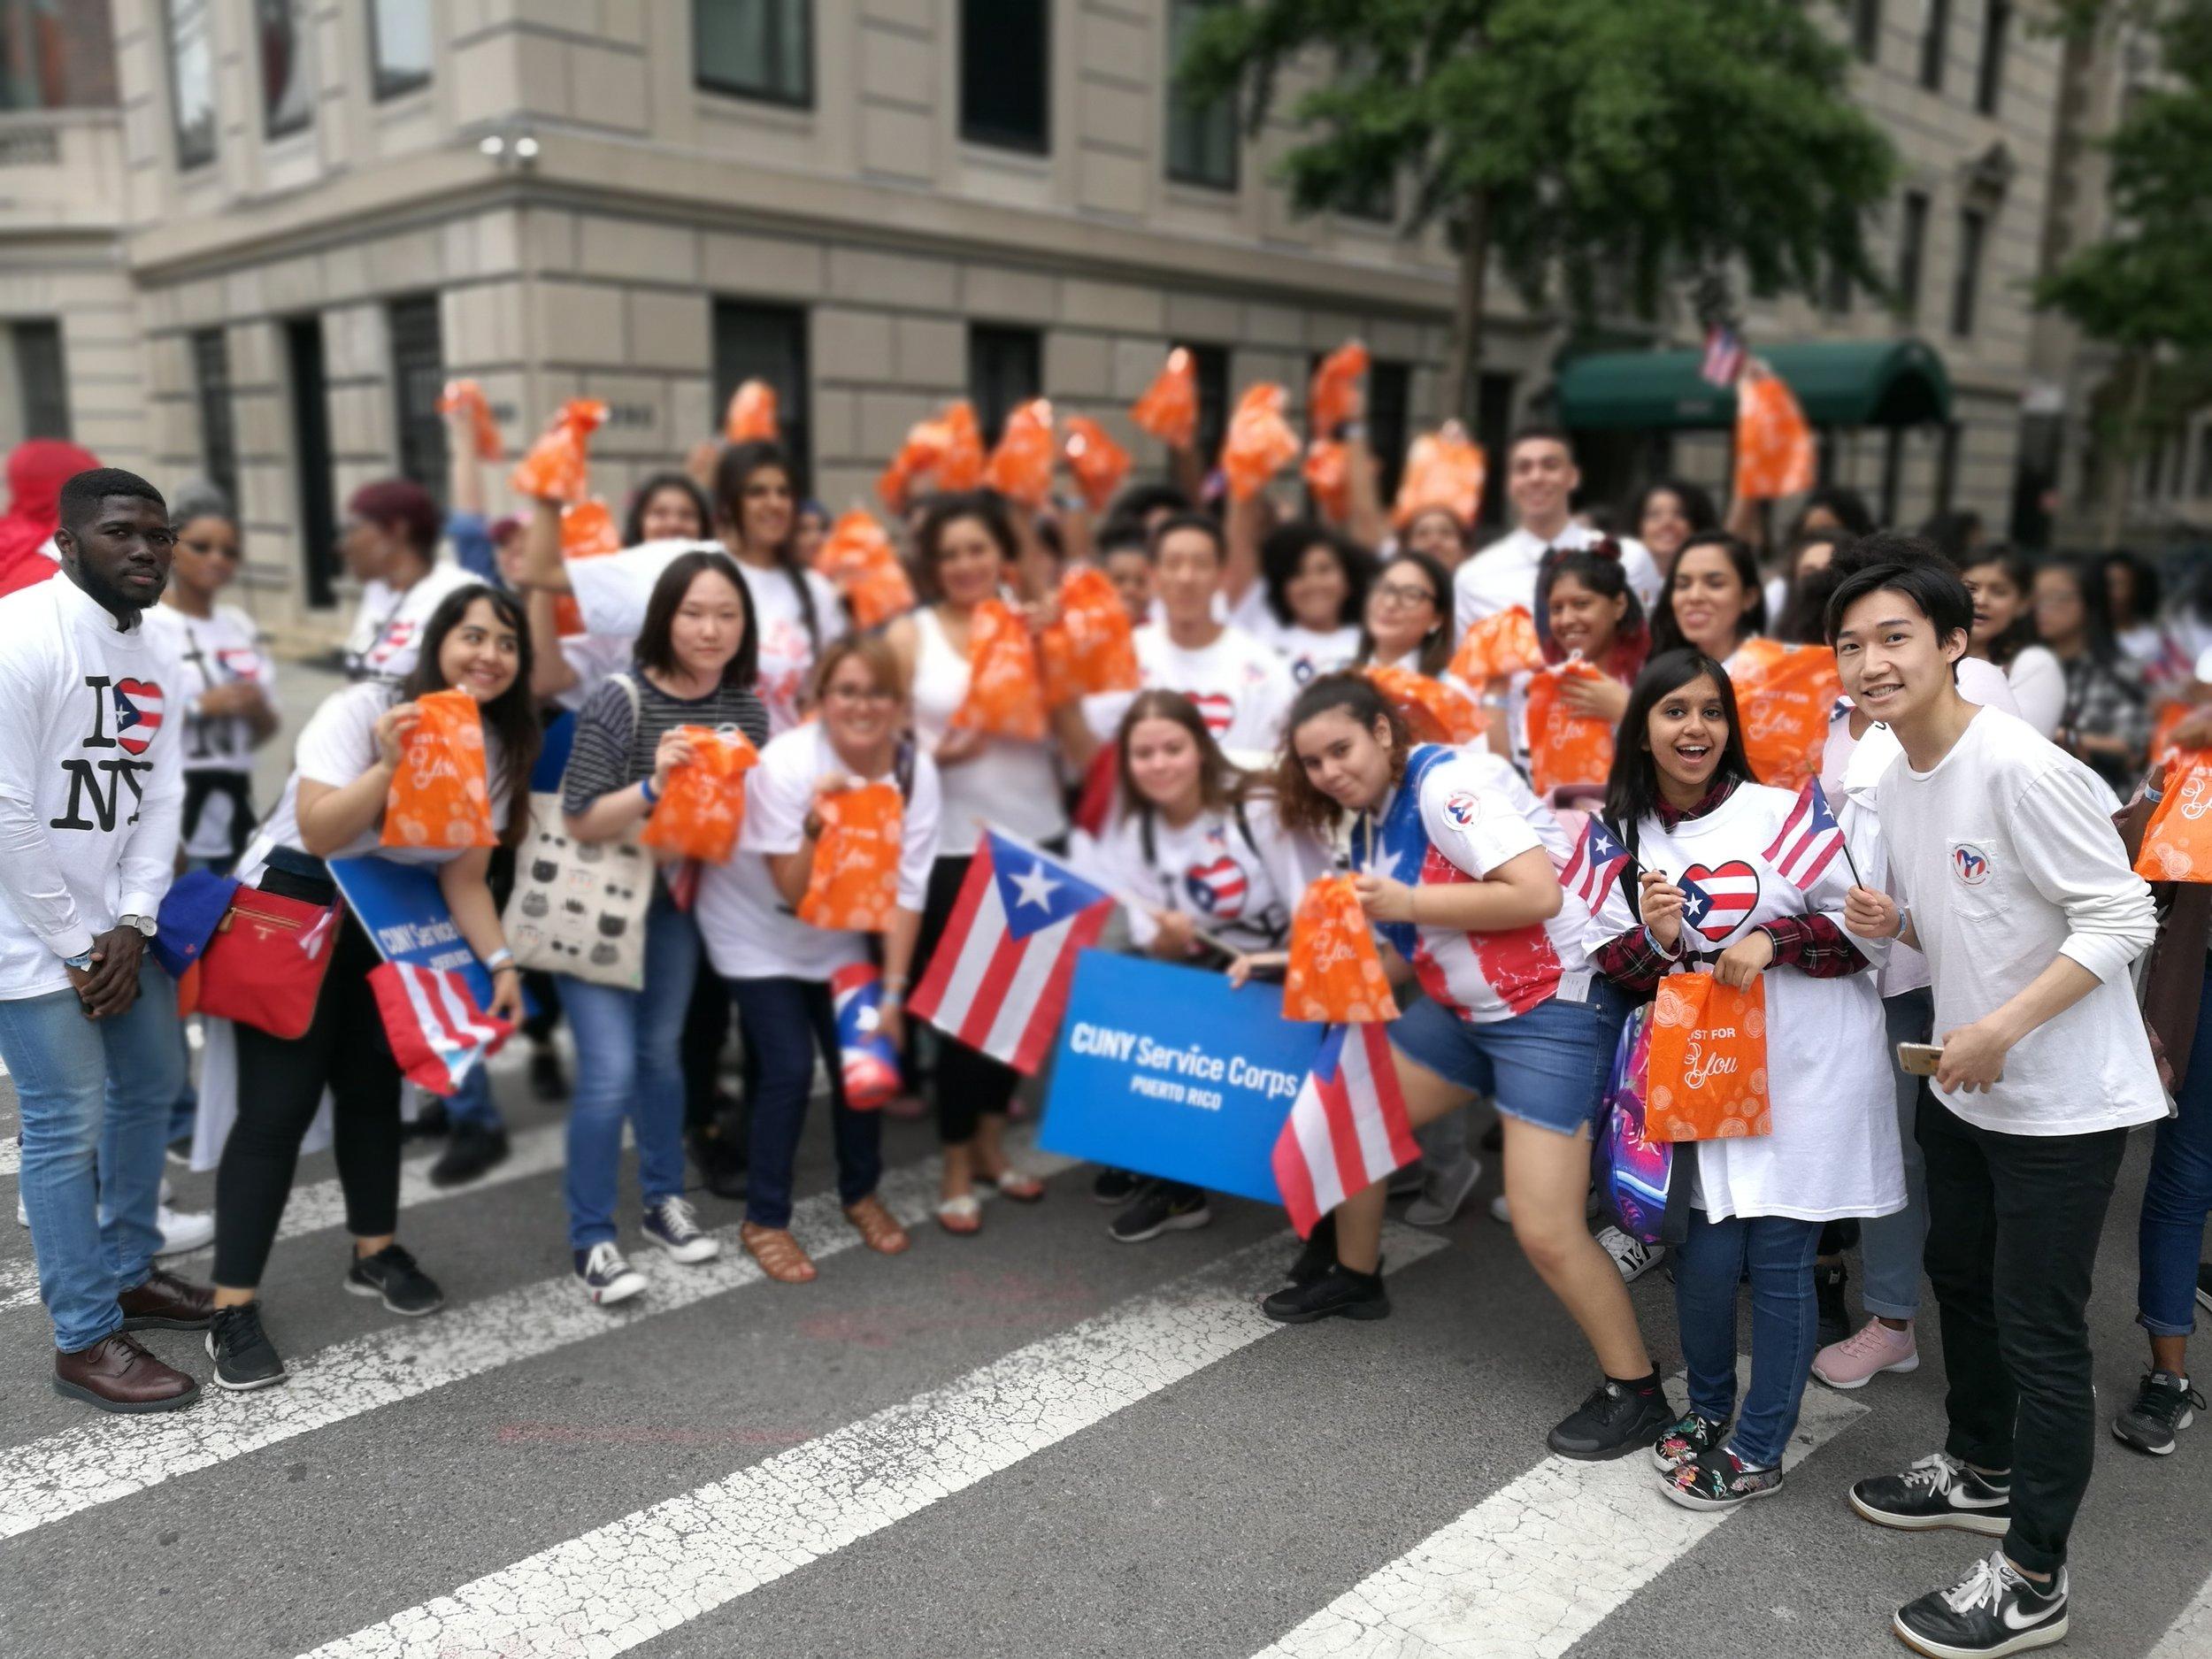 Parade marketing street team sampling at parades